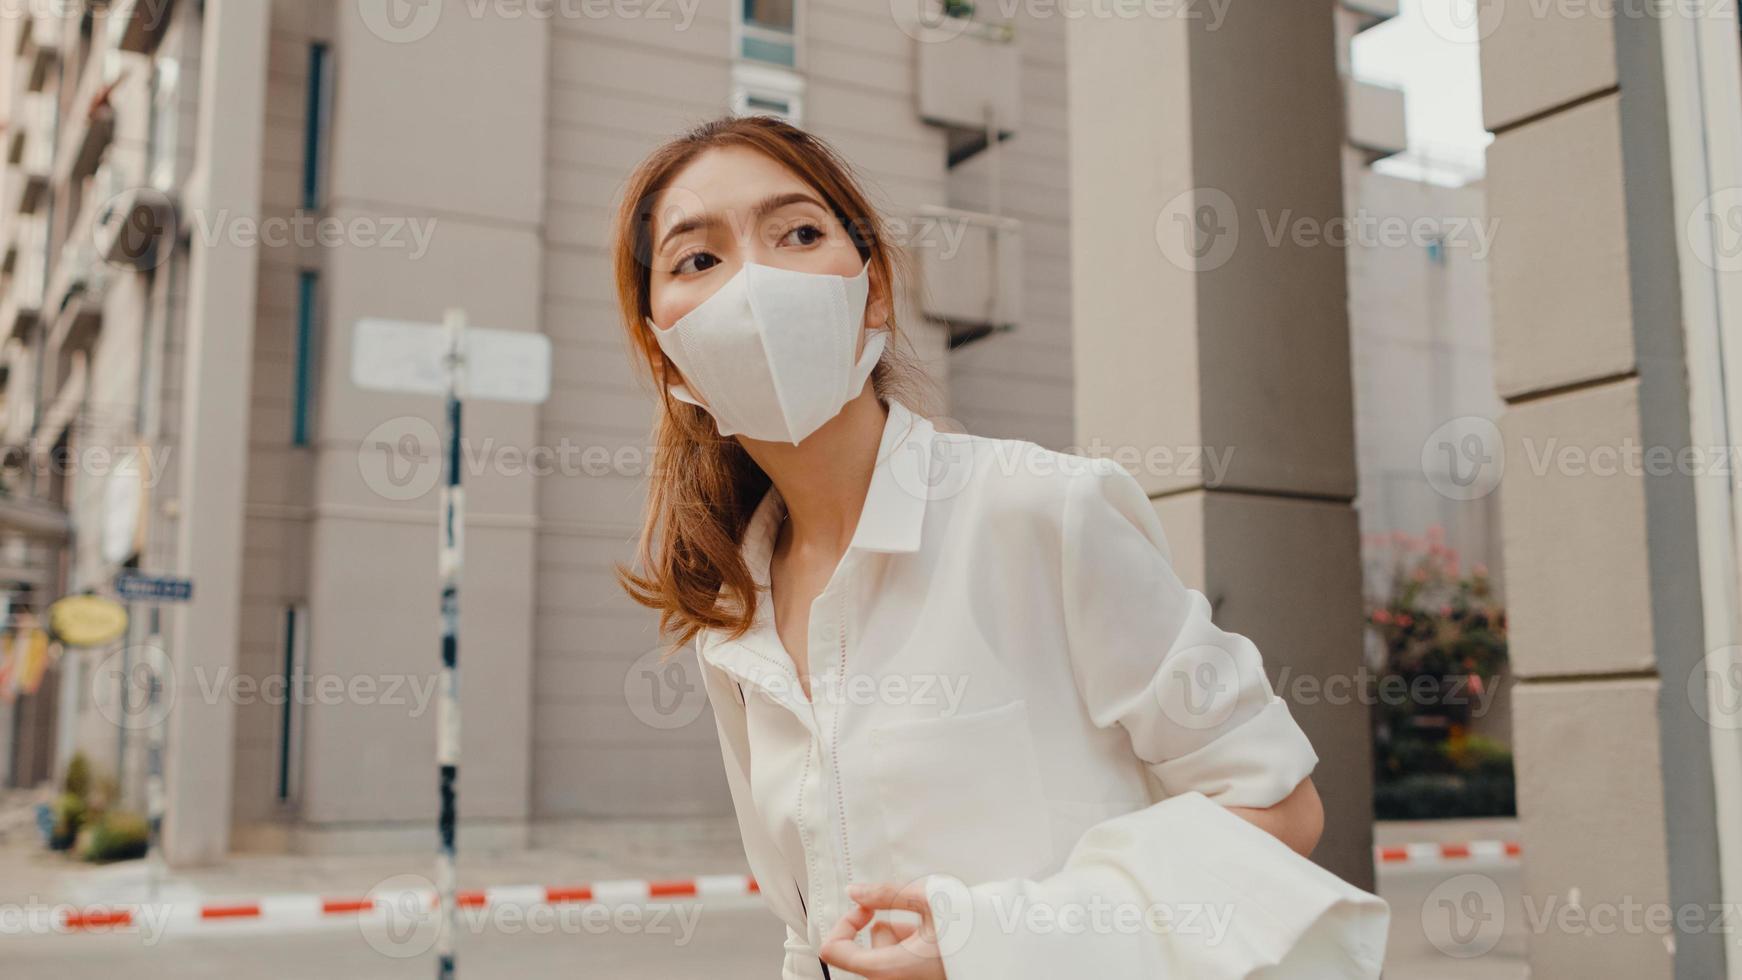 framgångsrik ung asiatisk affärskvinna i mode kontorkläder bär medicinsk ansiktsmask som går ensam utomhus utomhus i modern modern stad på morgonen. covid-19-utbrottspandemi, koncept på affärsresa. foto